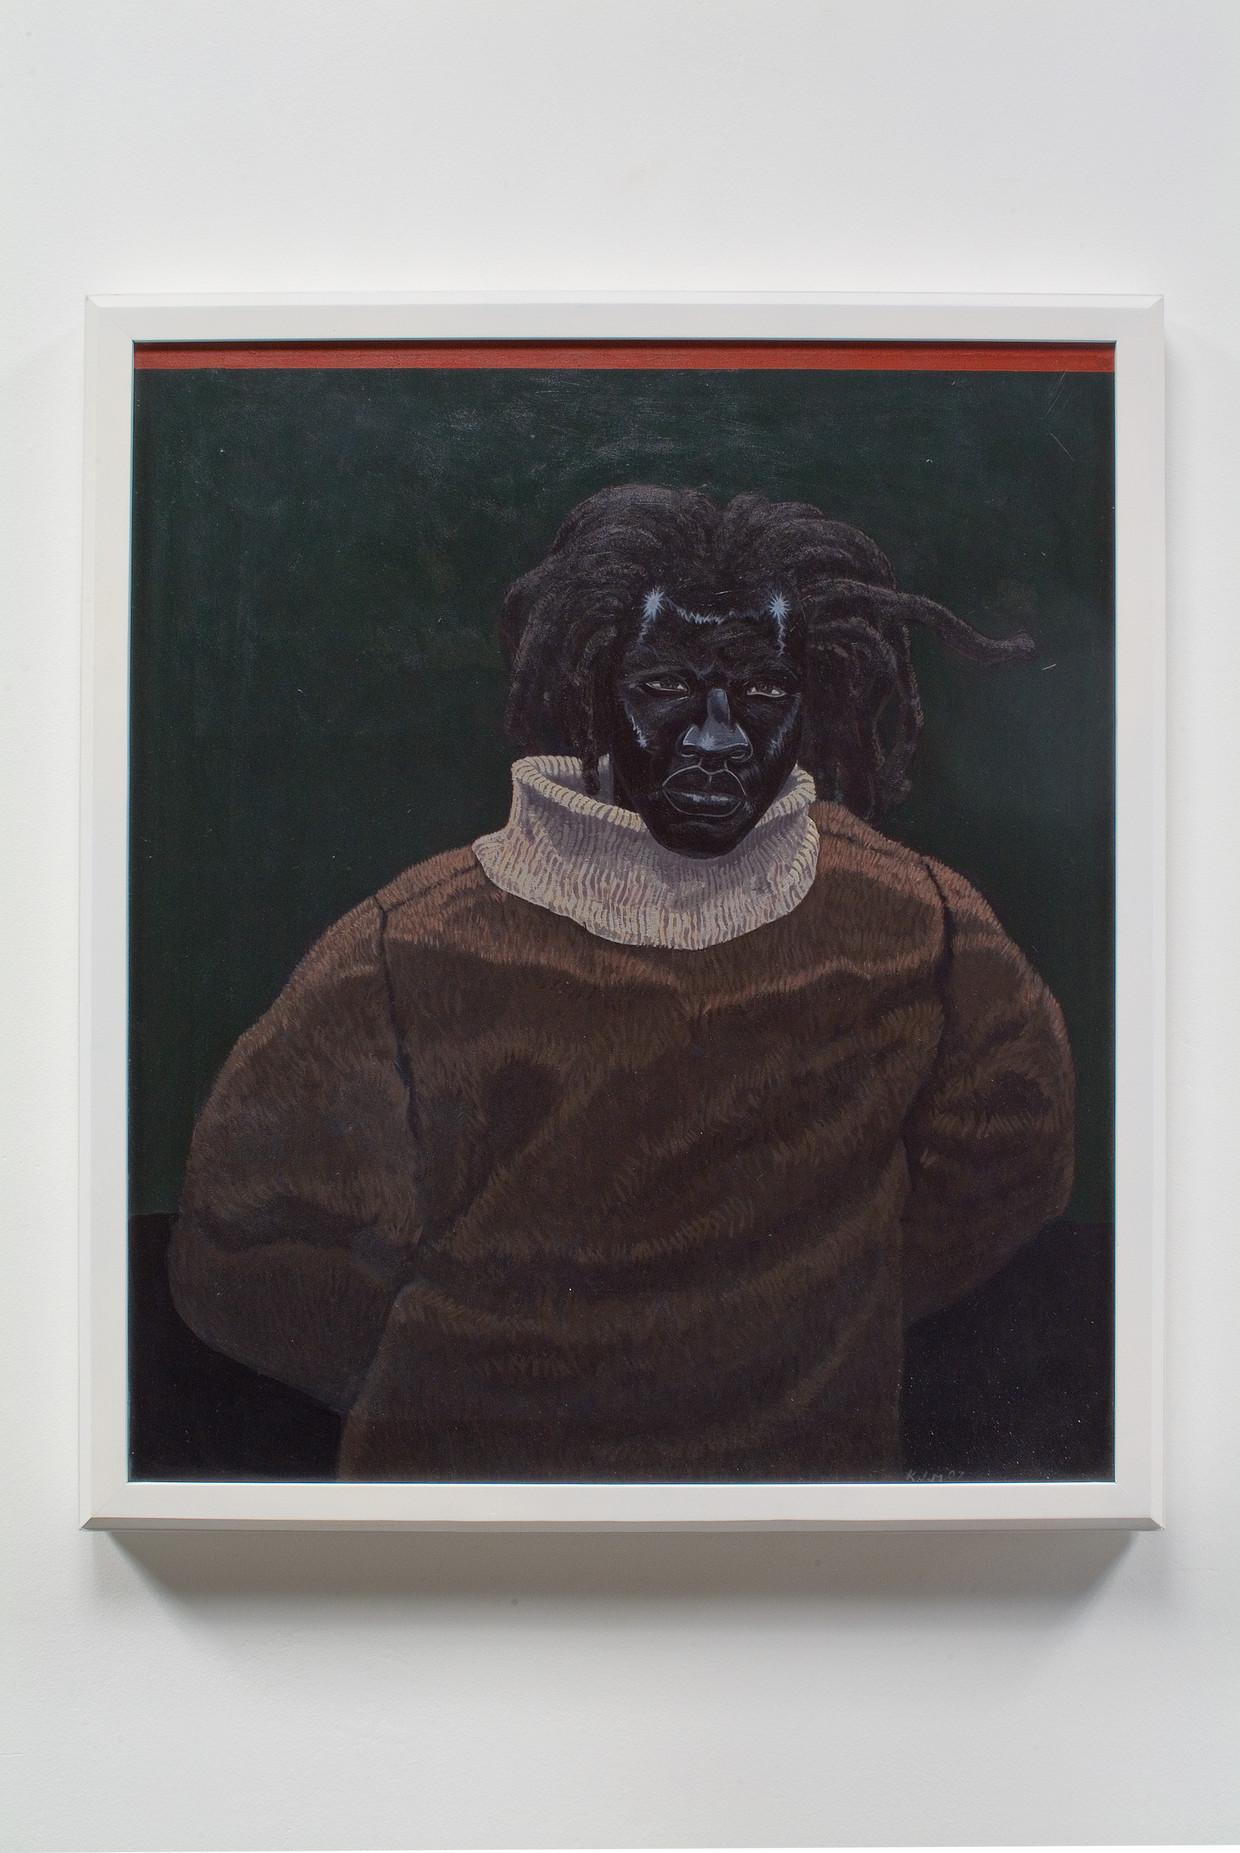 Kerry James Marshall, 'Portrait of John Punch (Angry Black Man 1646)', 2008. Acrylverf op paneel. Beeld Kerry James Marshall. Met toestemming van de kunstenaar en Jack Shainman Gallery, New York.